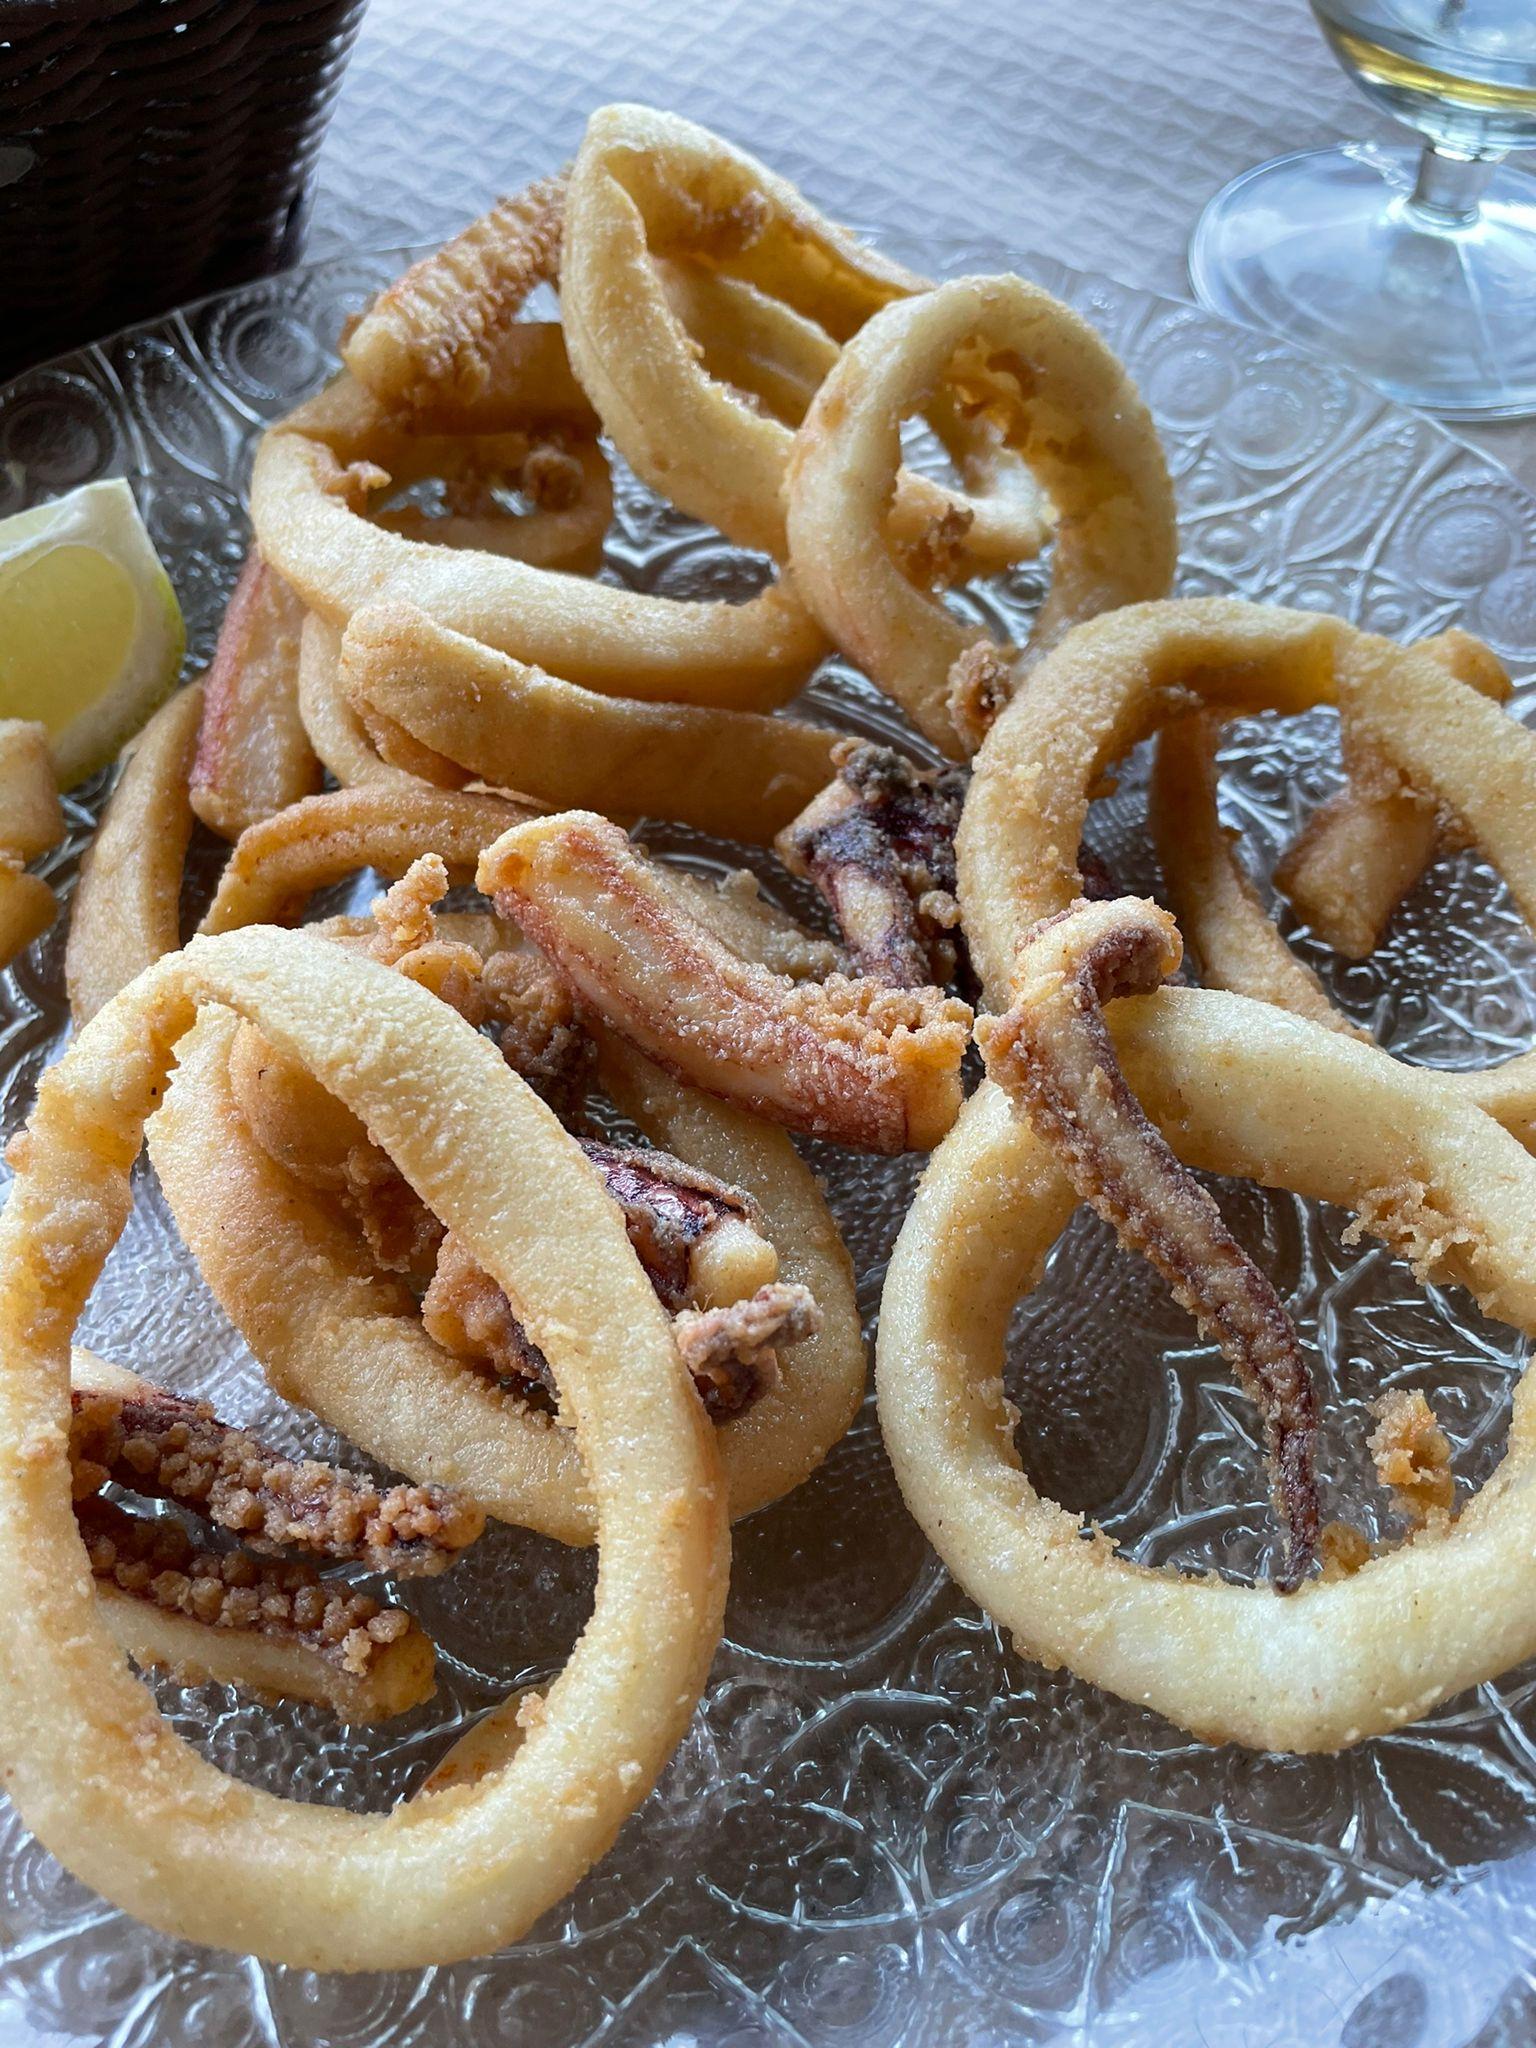 Reseñas gastronómicas: Restaurante La Tortuga en Tazones 4